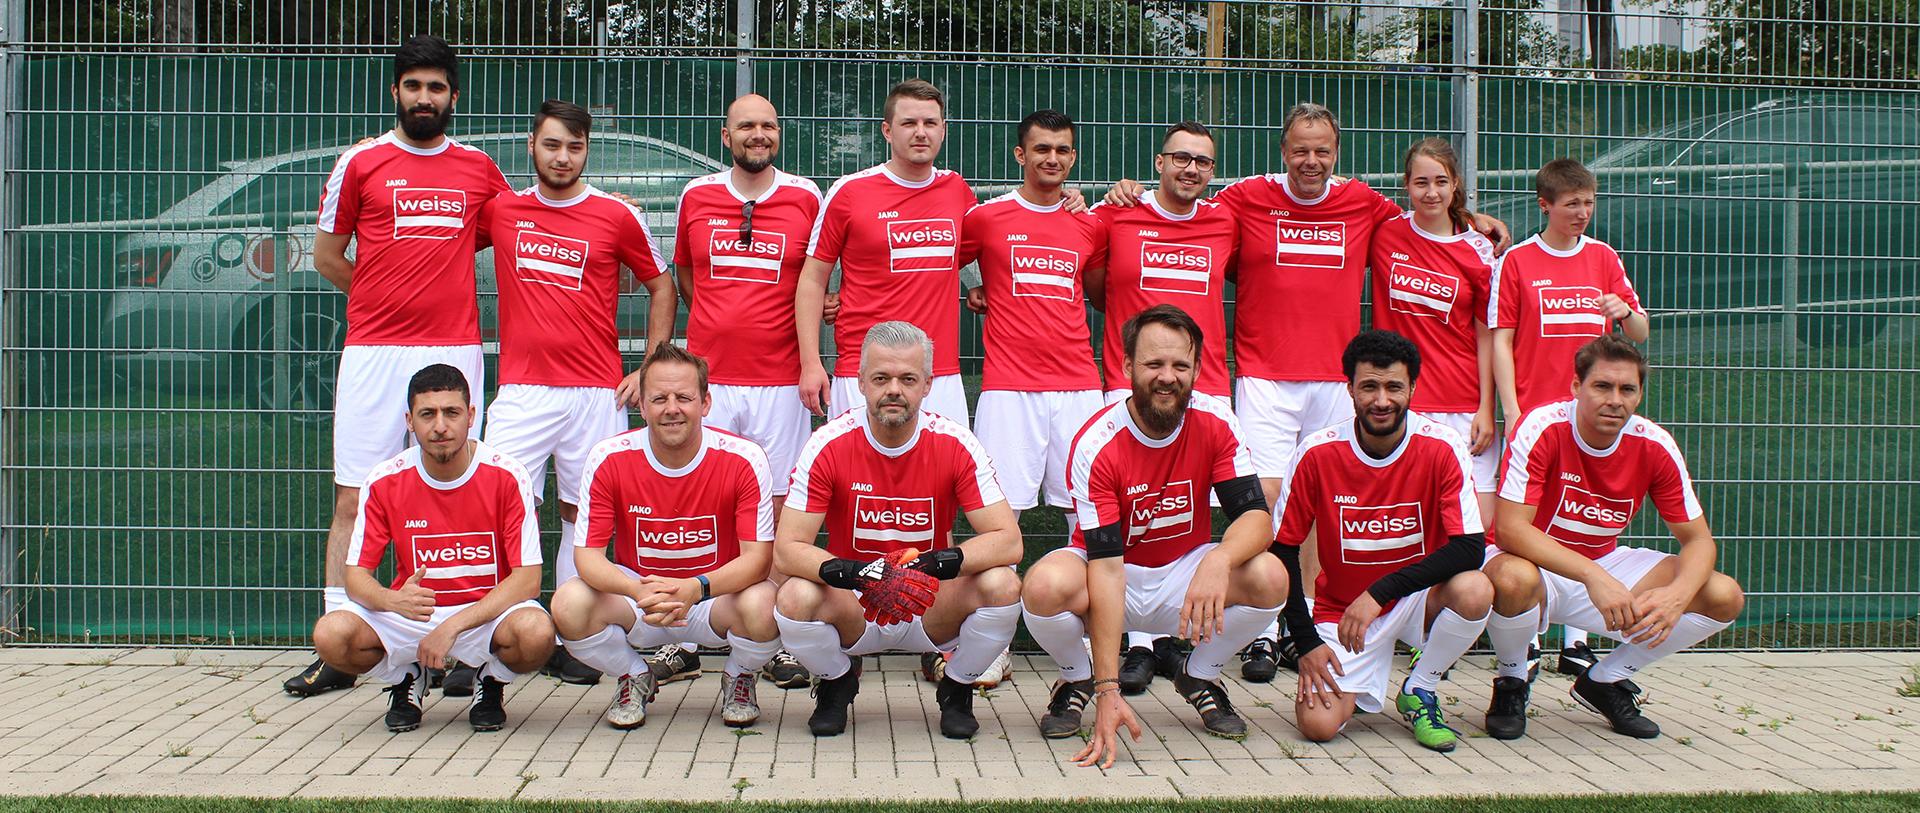 Fußballmannschaft steht in roten Trikots vor Zaun